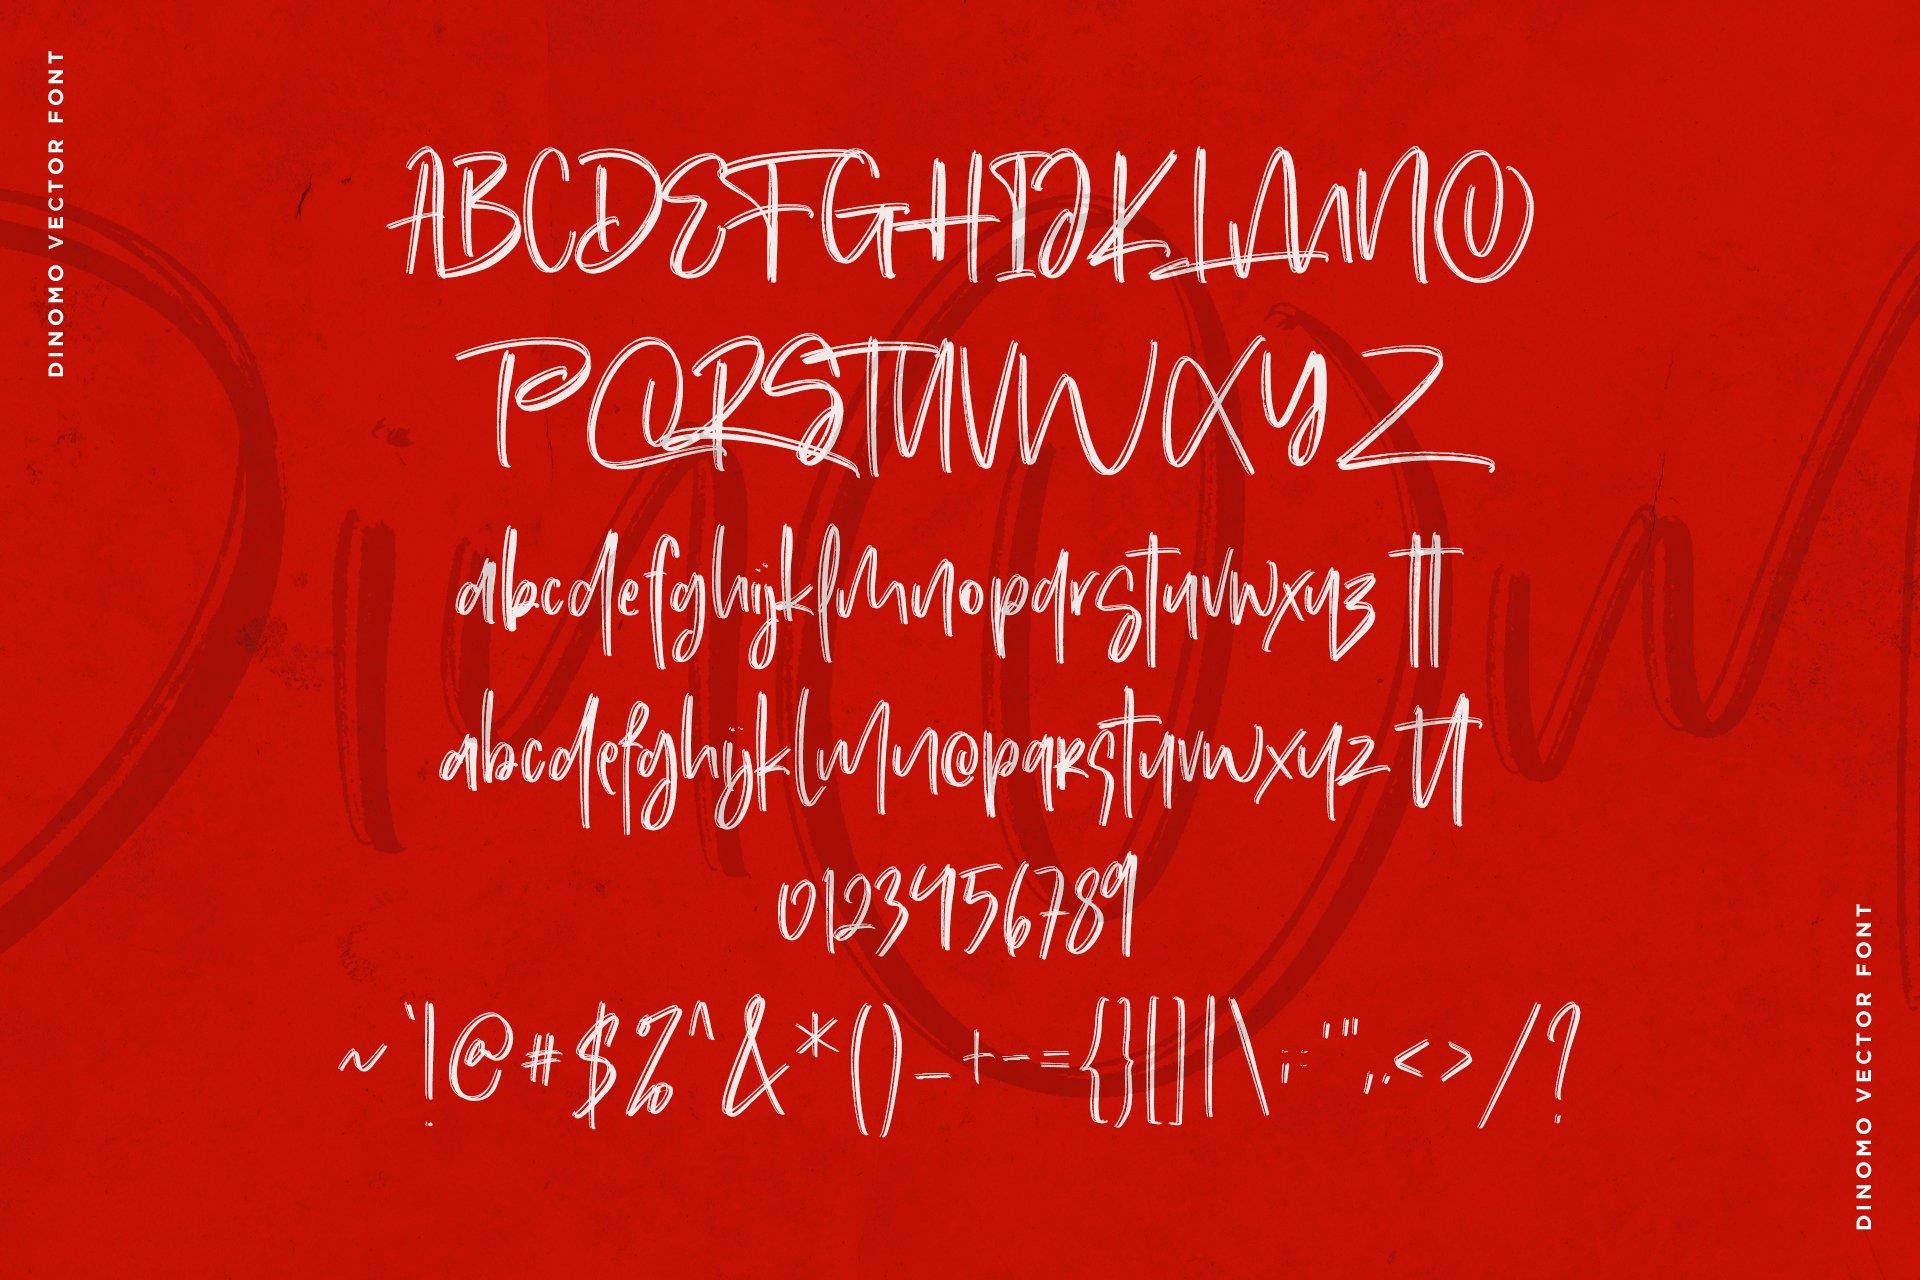 手写涂鸦书法笔刷杂志海报Logo标题英文字体设计素材 Dinomo SVG Brush Font插图9